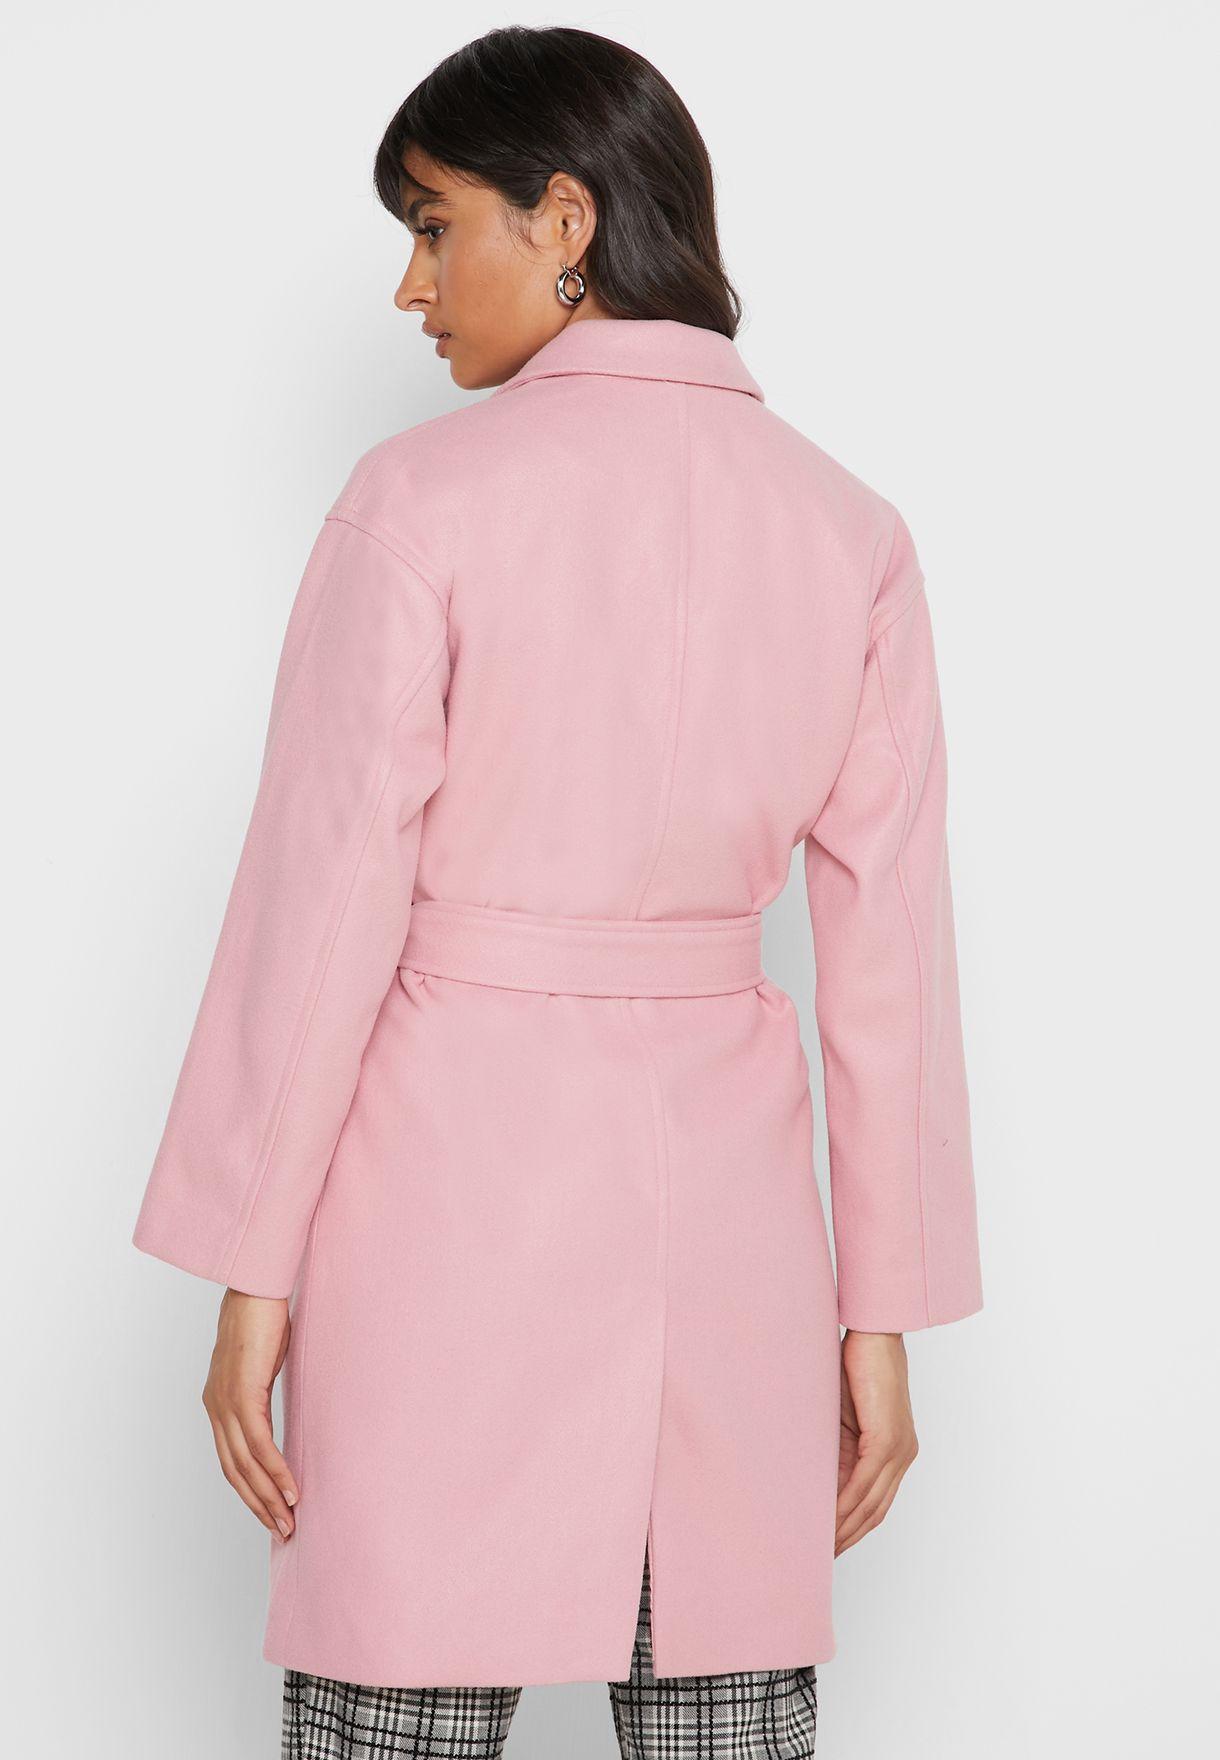 Self Tie Coat